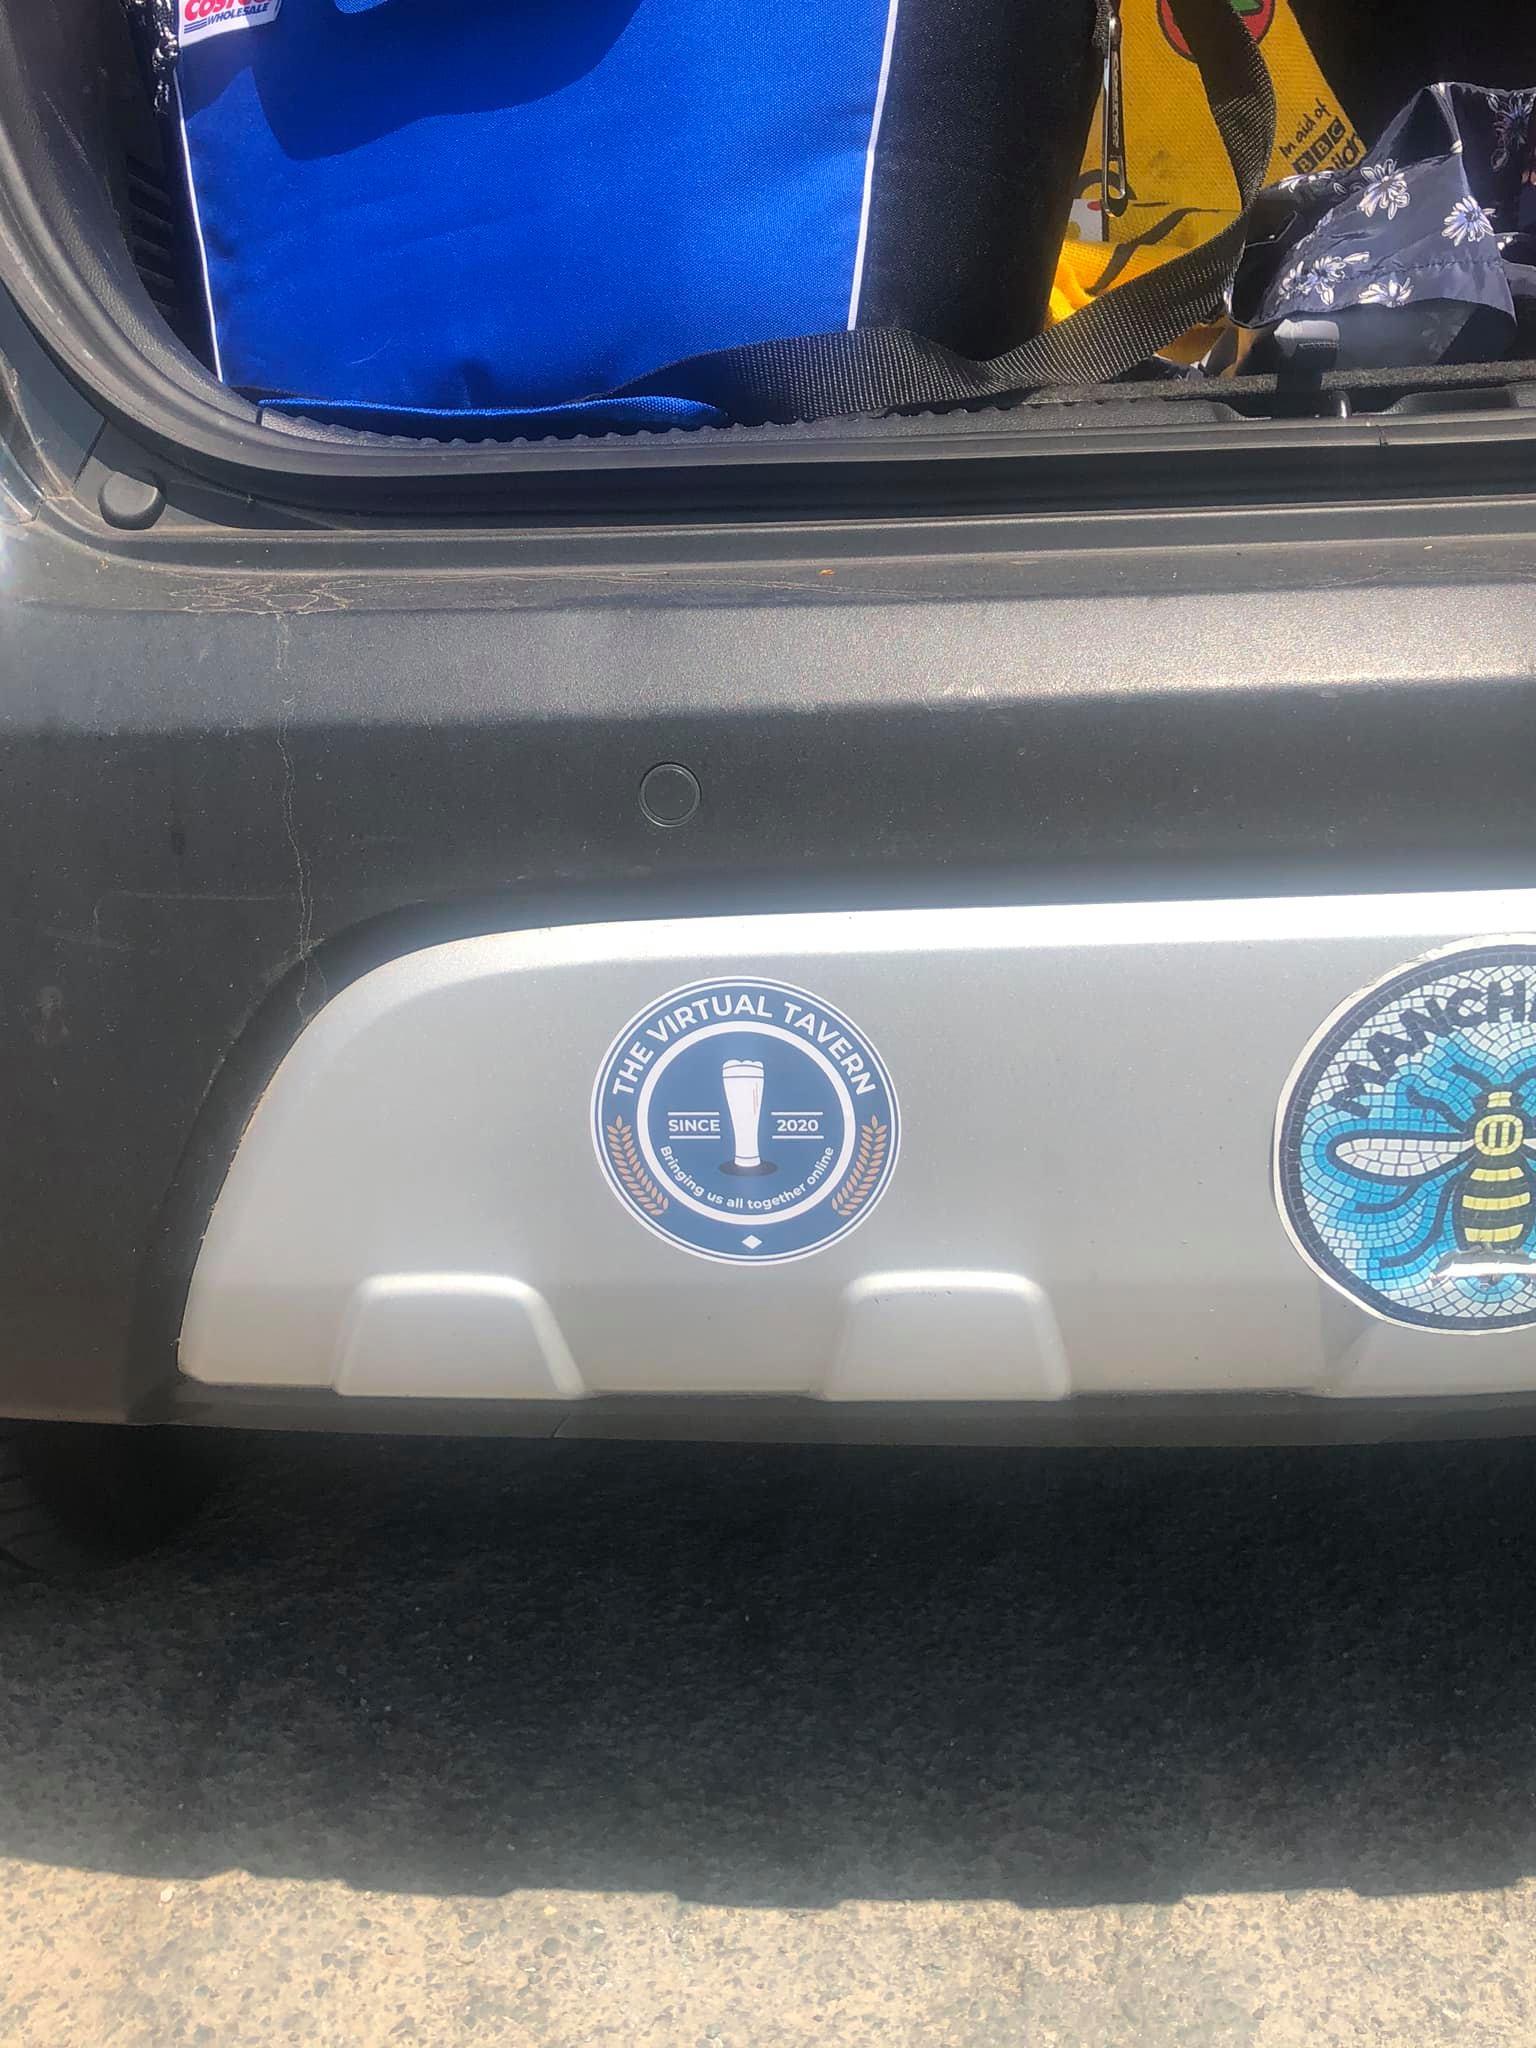 Ŵhïtëhæd H Błü's Bumper Sticker